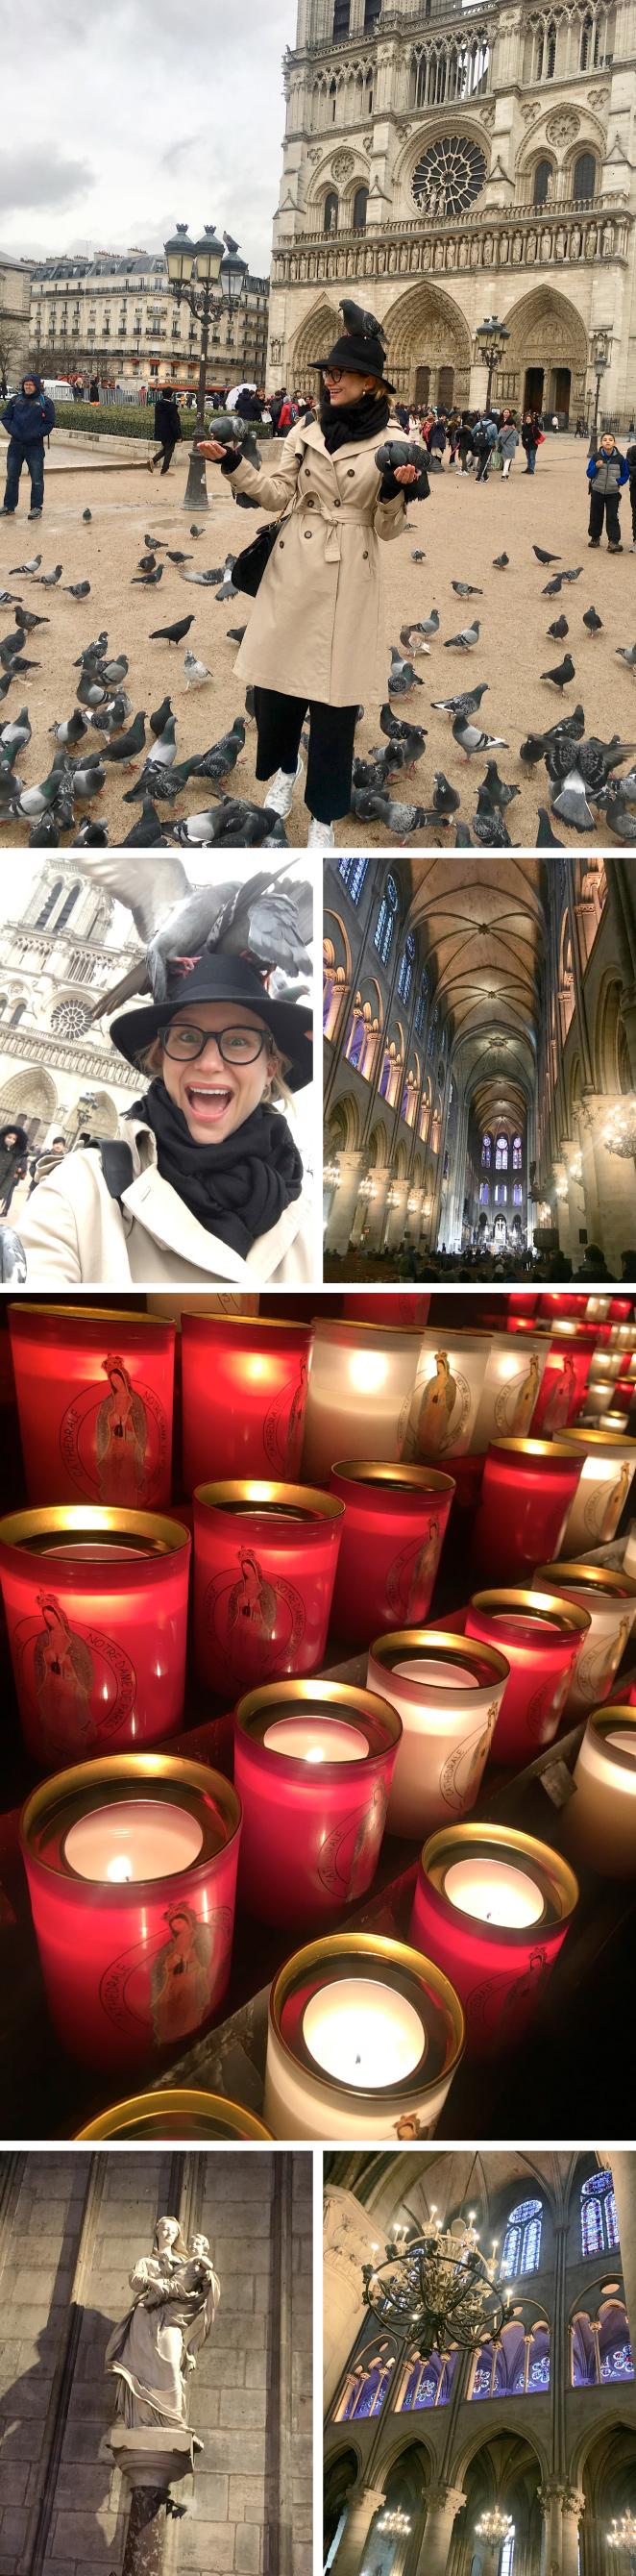 A la Catedral de Notre Dame me gusta ir si estoy el domingo en la ciudad para ir a Misa porque allí se celebran con una solemnidad inigualable. Se me pasa volando admirando la belleza interior de su arquitectura y sus preciosas vidrieras.